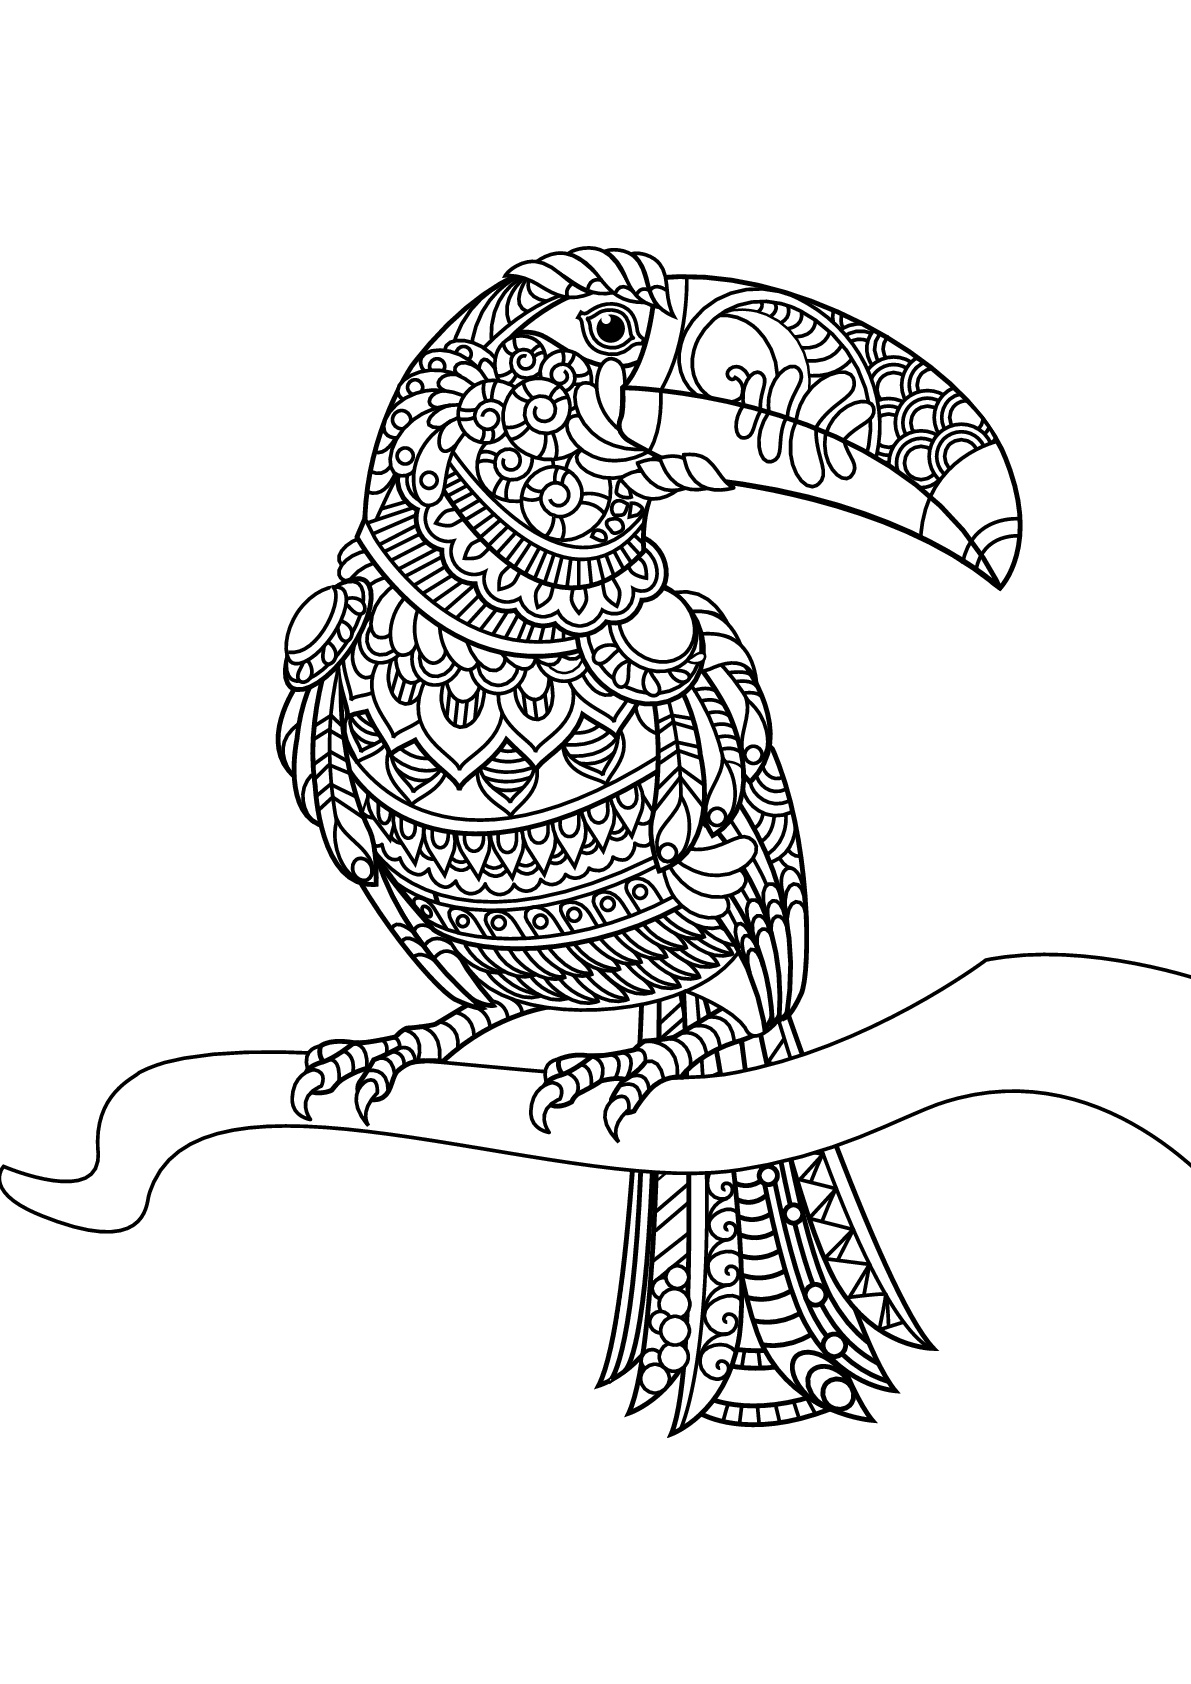 Disegni da colorare per adulti : Uccelli - 21